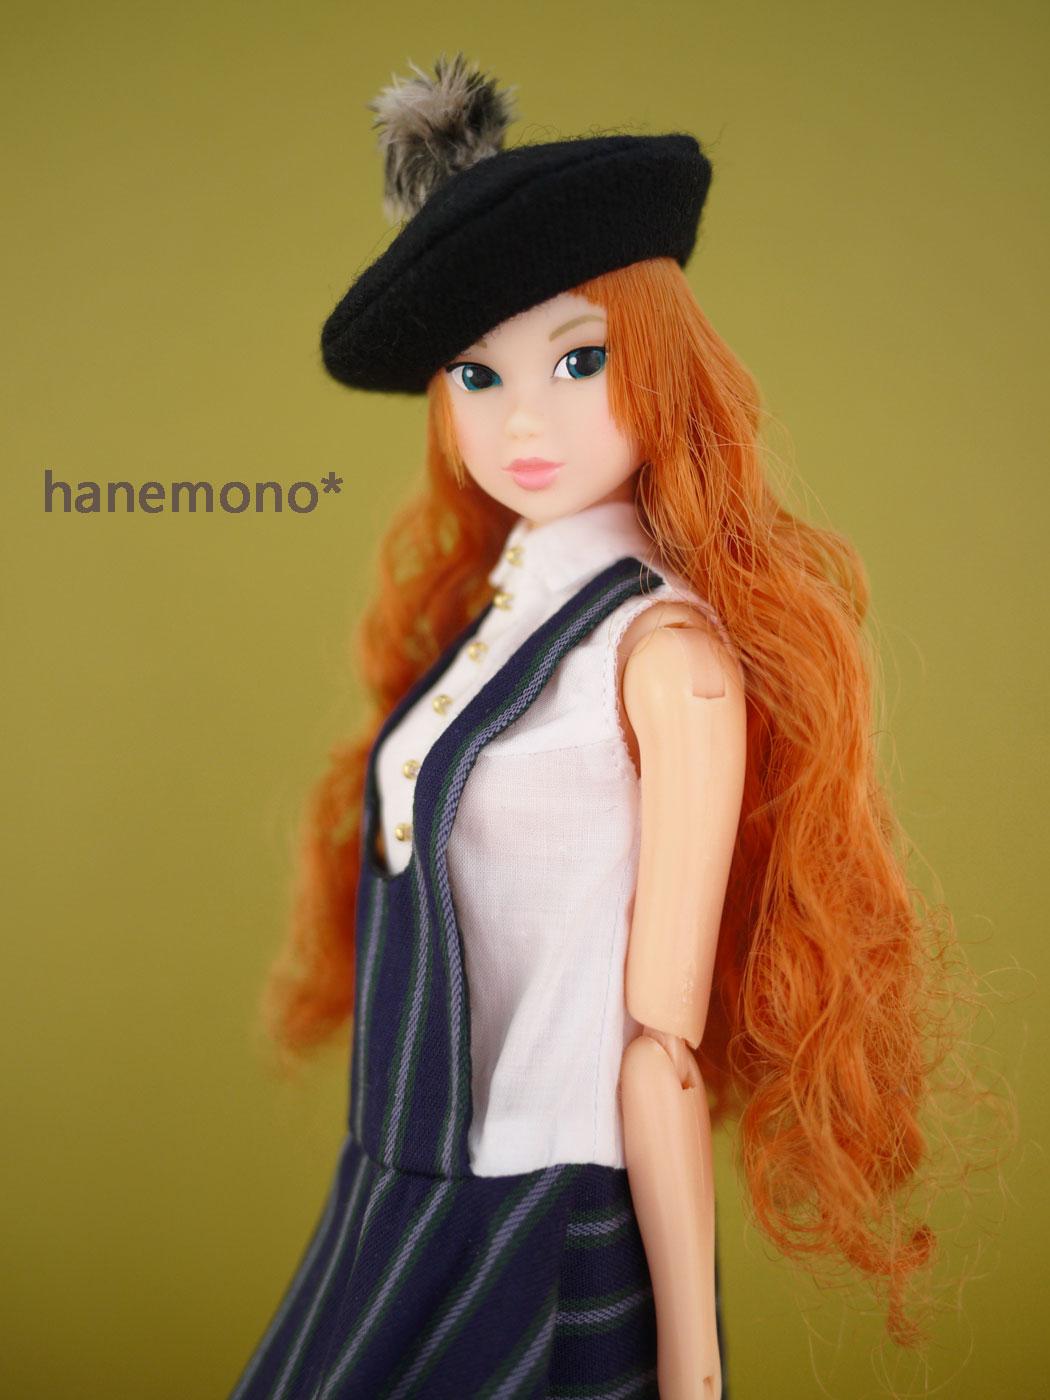 http://momoko.so-i.net/img/151210b11cb2.jpg